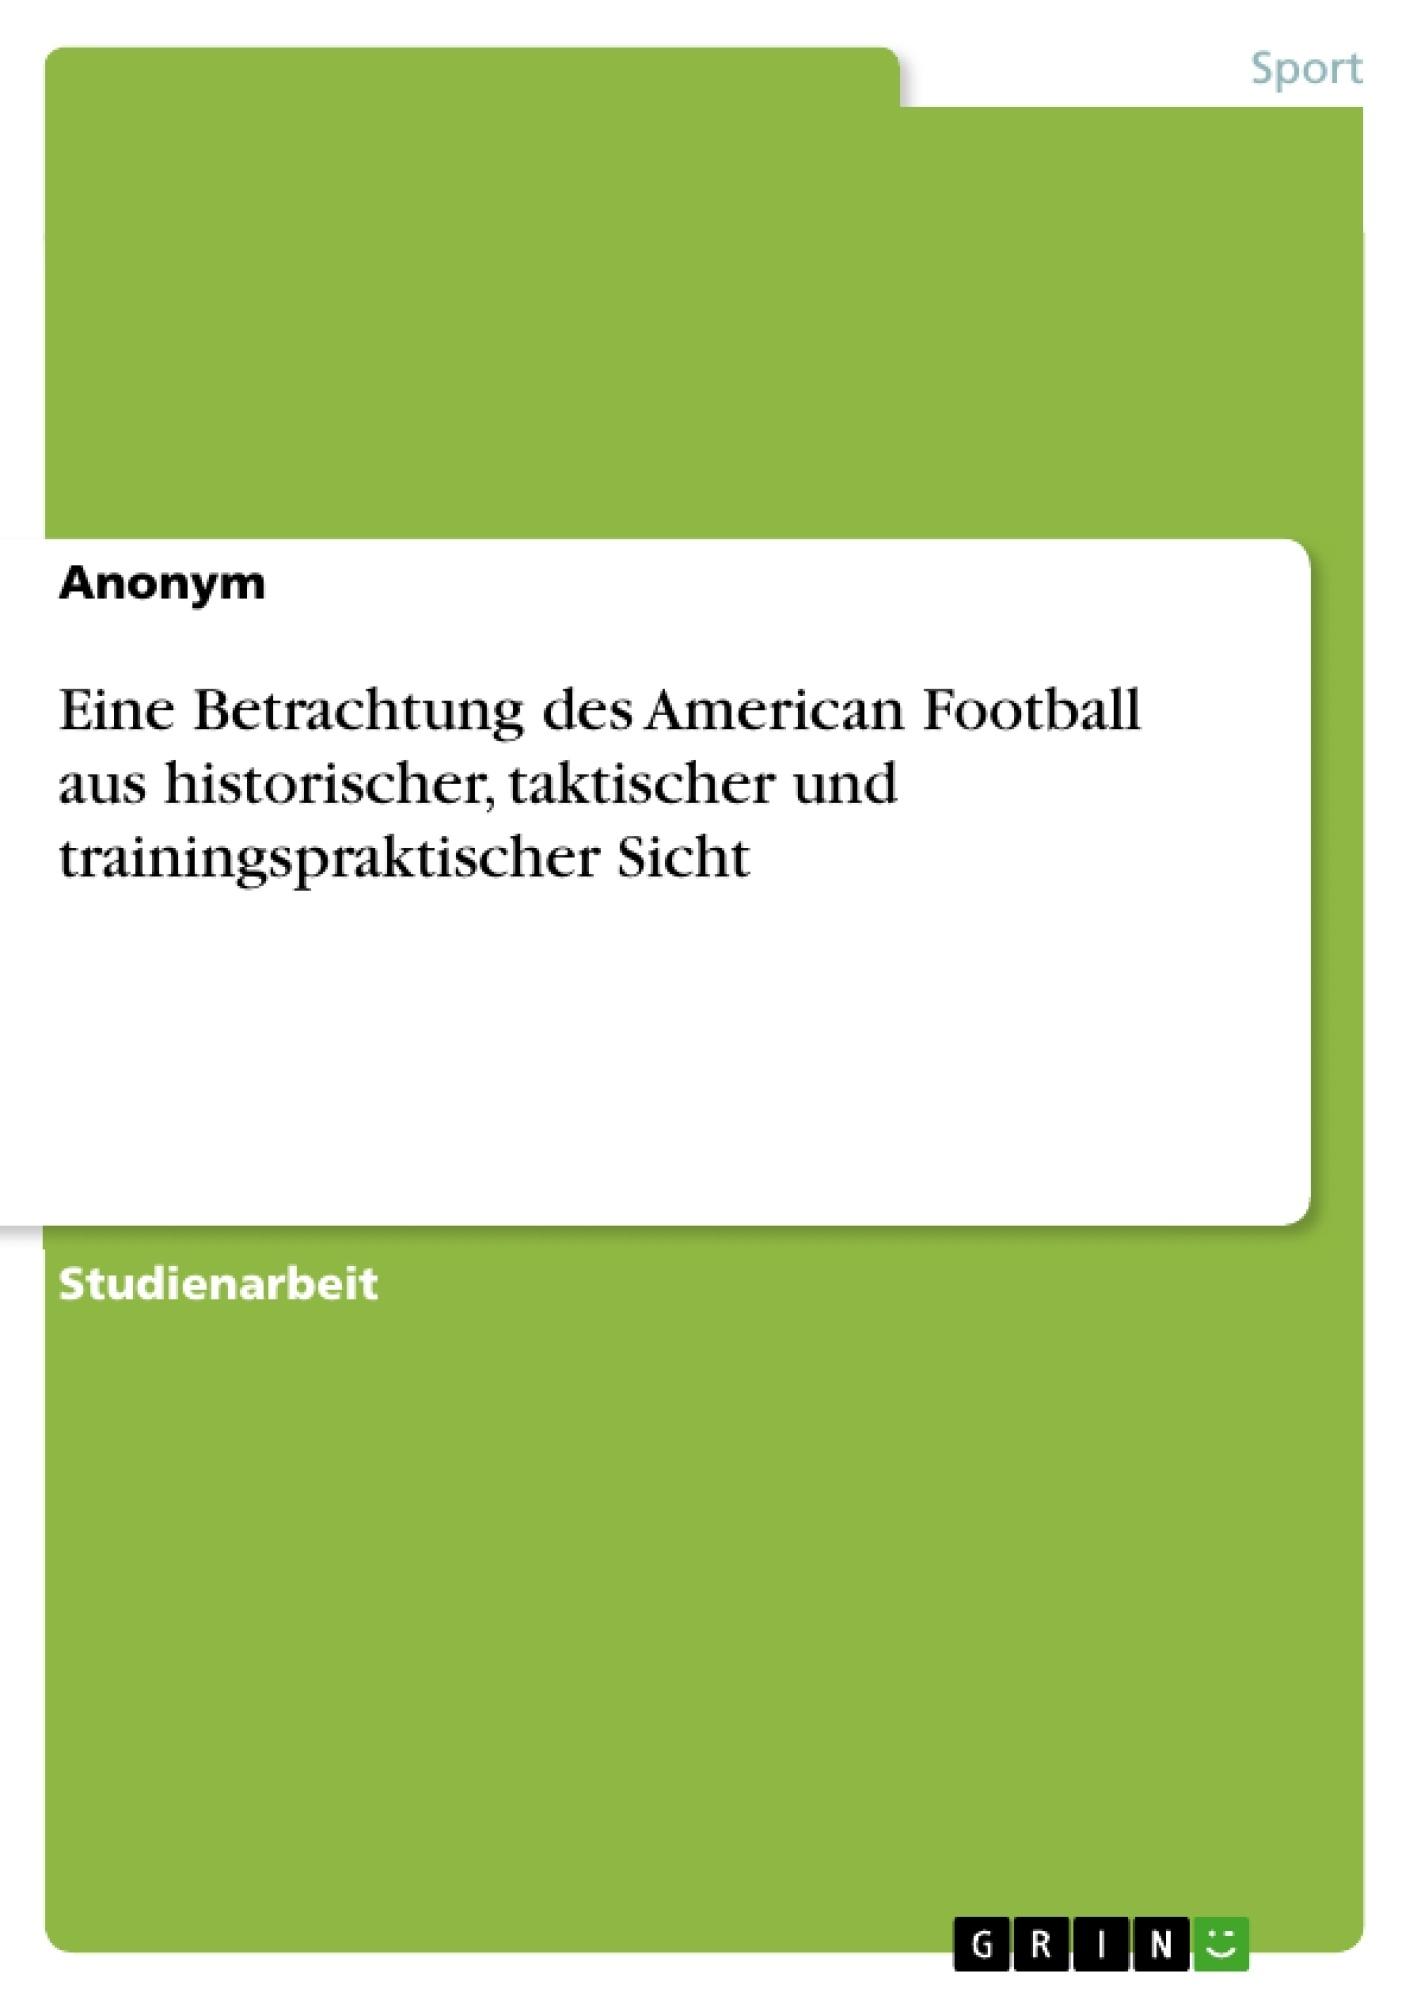 Titel: Eine Betrachtung des American Football aus historischer, taktischer und trainingspraktischer Sicht